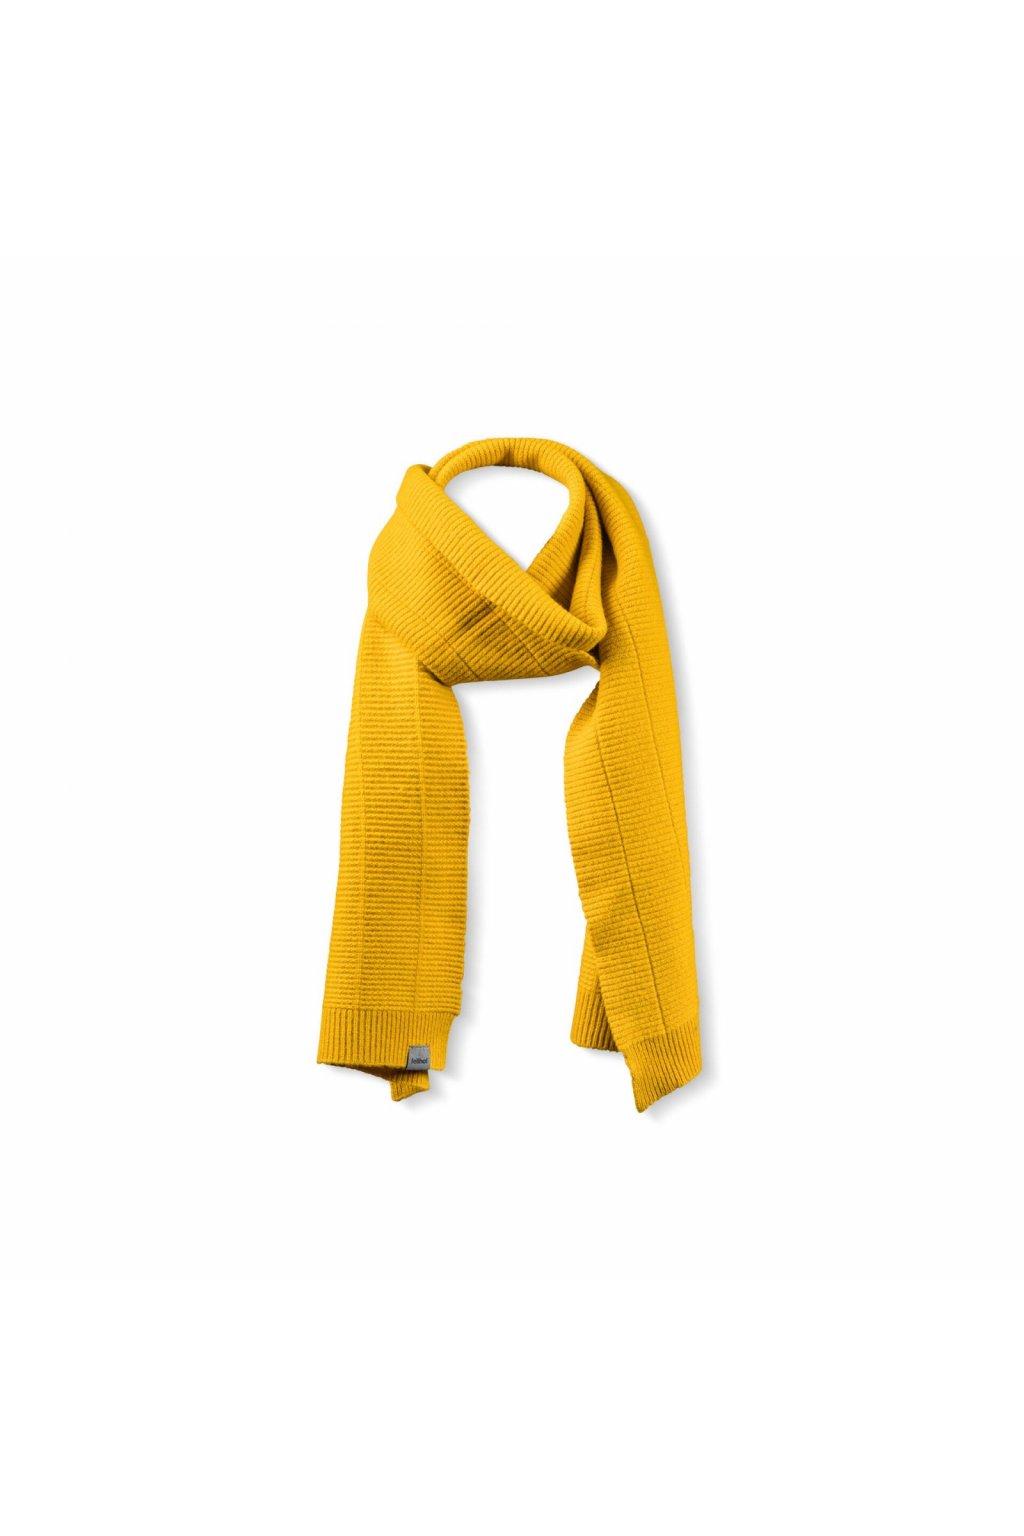 merino strickschal gelb a191b1dkouge6fr